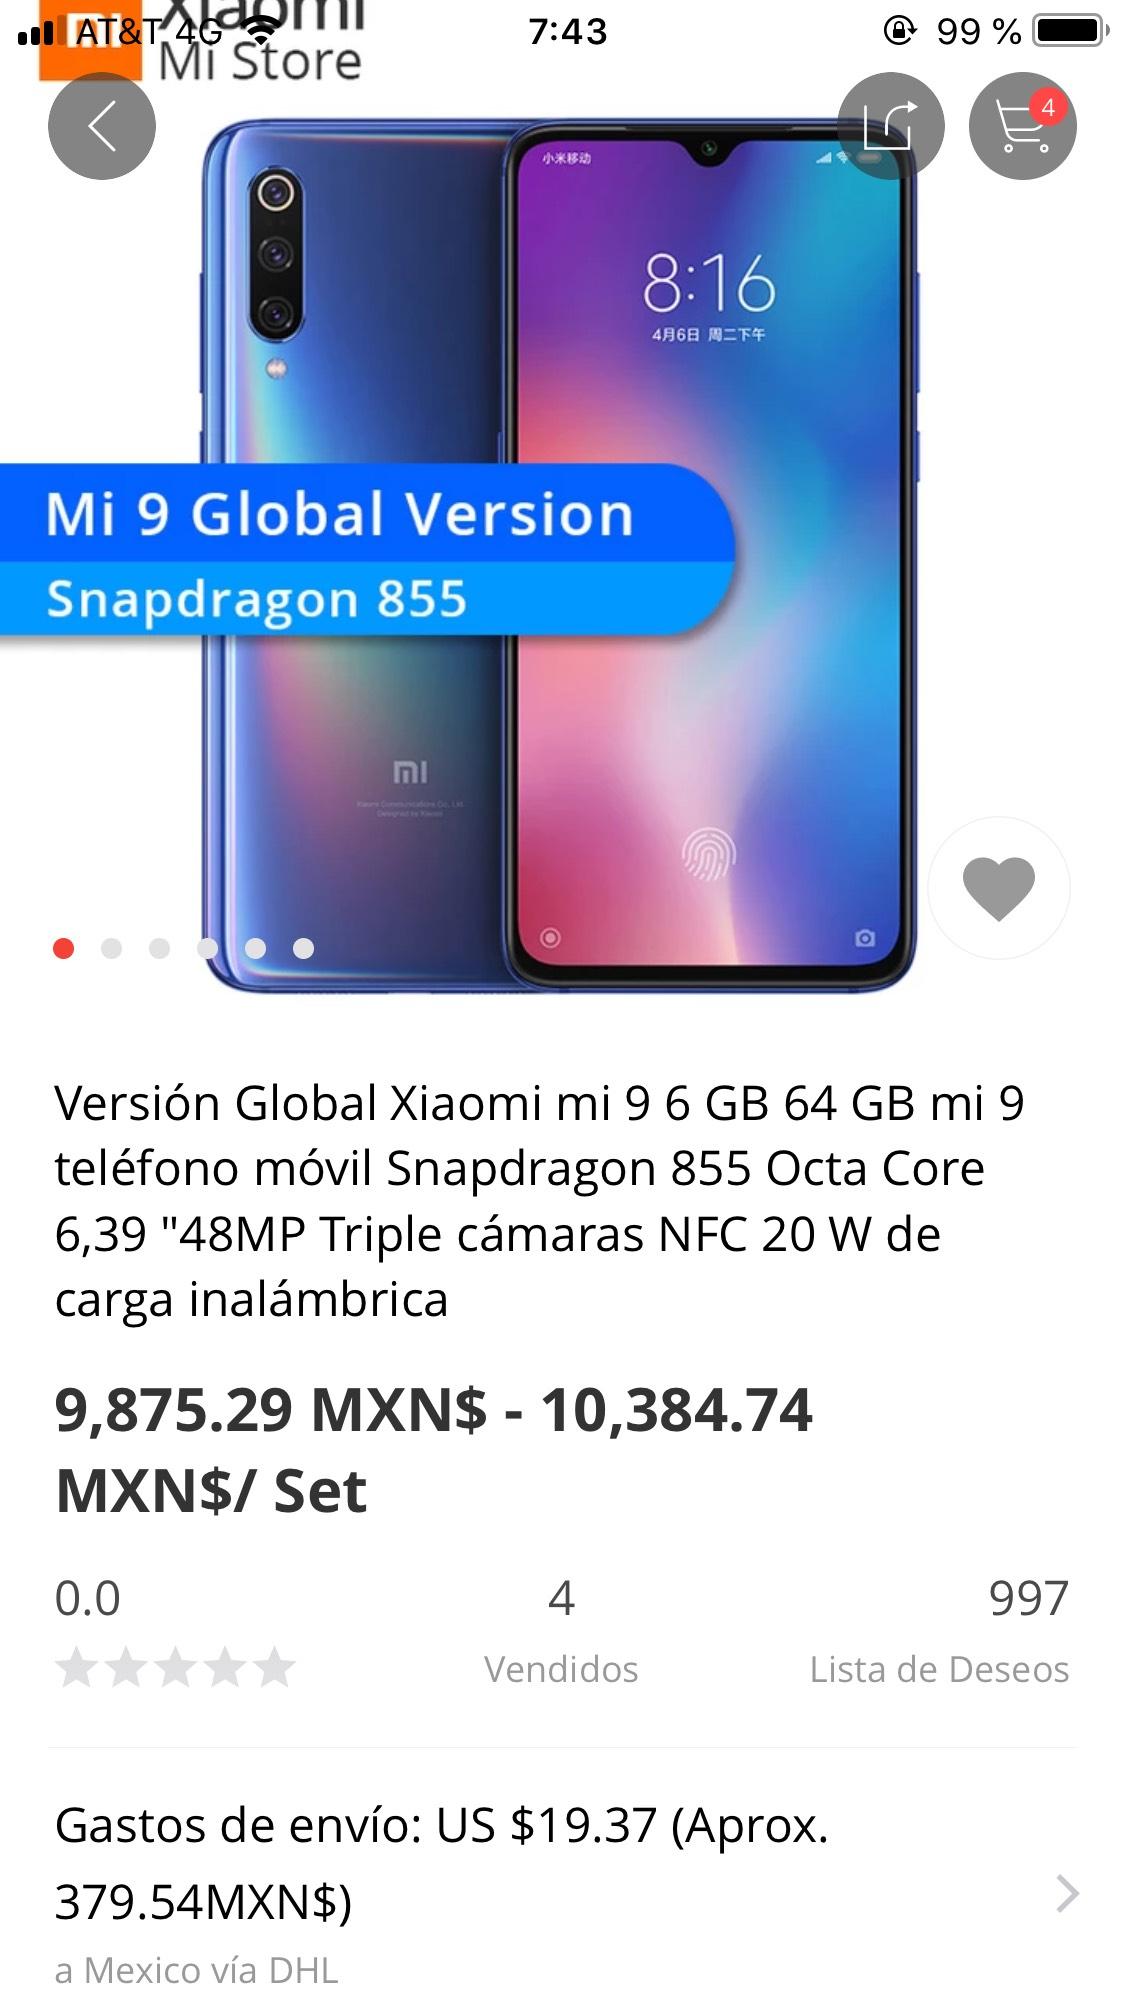 Aliexpress: Xiaomi Mi 9 VERSION GLOBAL totalmente compatible con bandas en México (Envío DHL incluido)